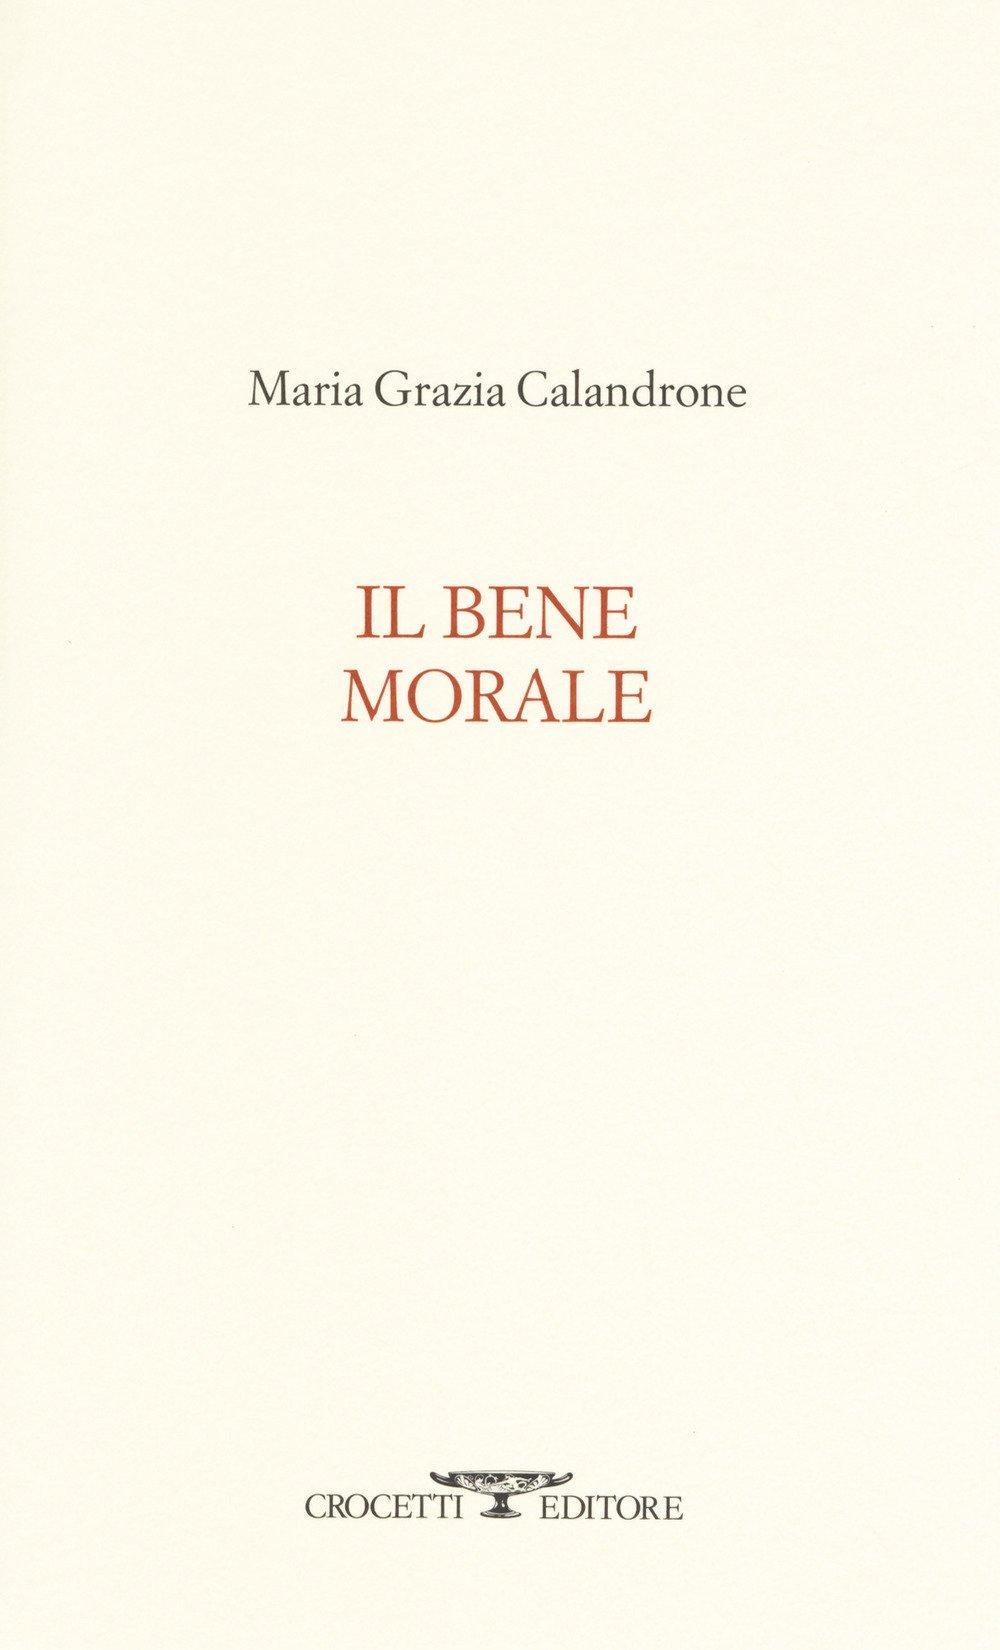 Il bene morale – Maria Grazia Calandrone